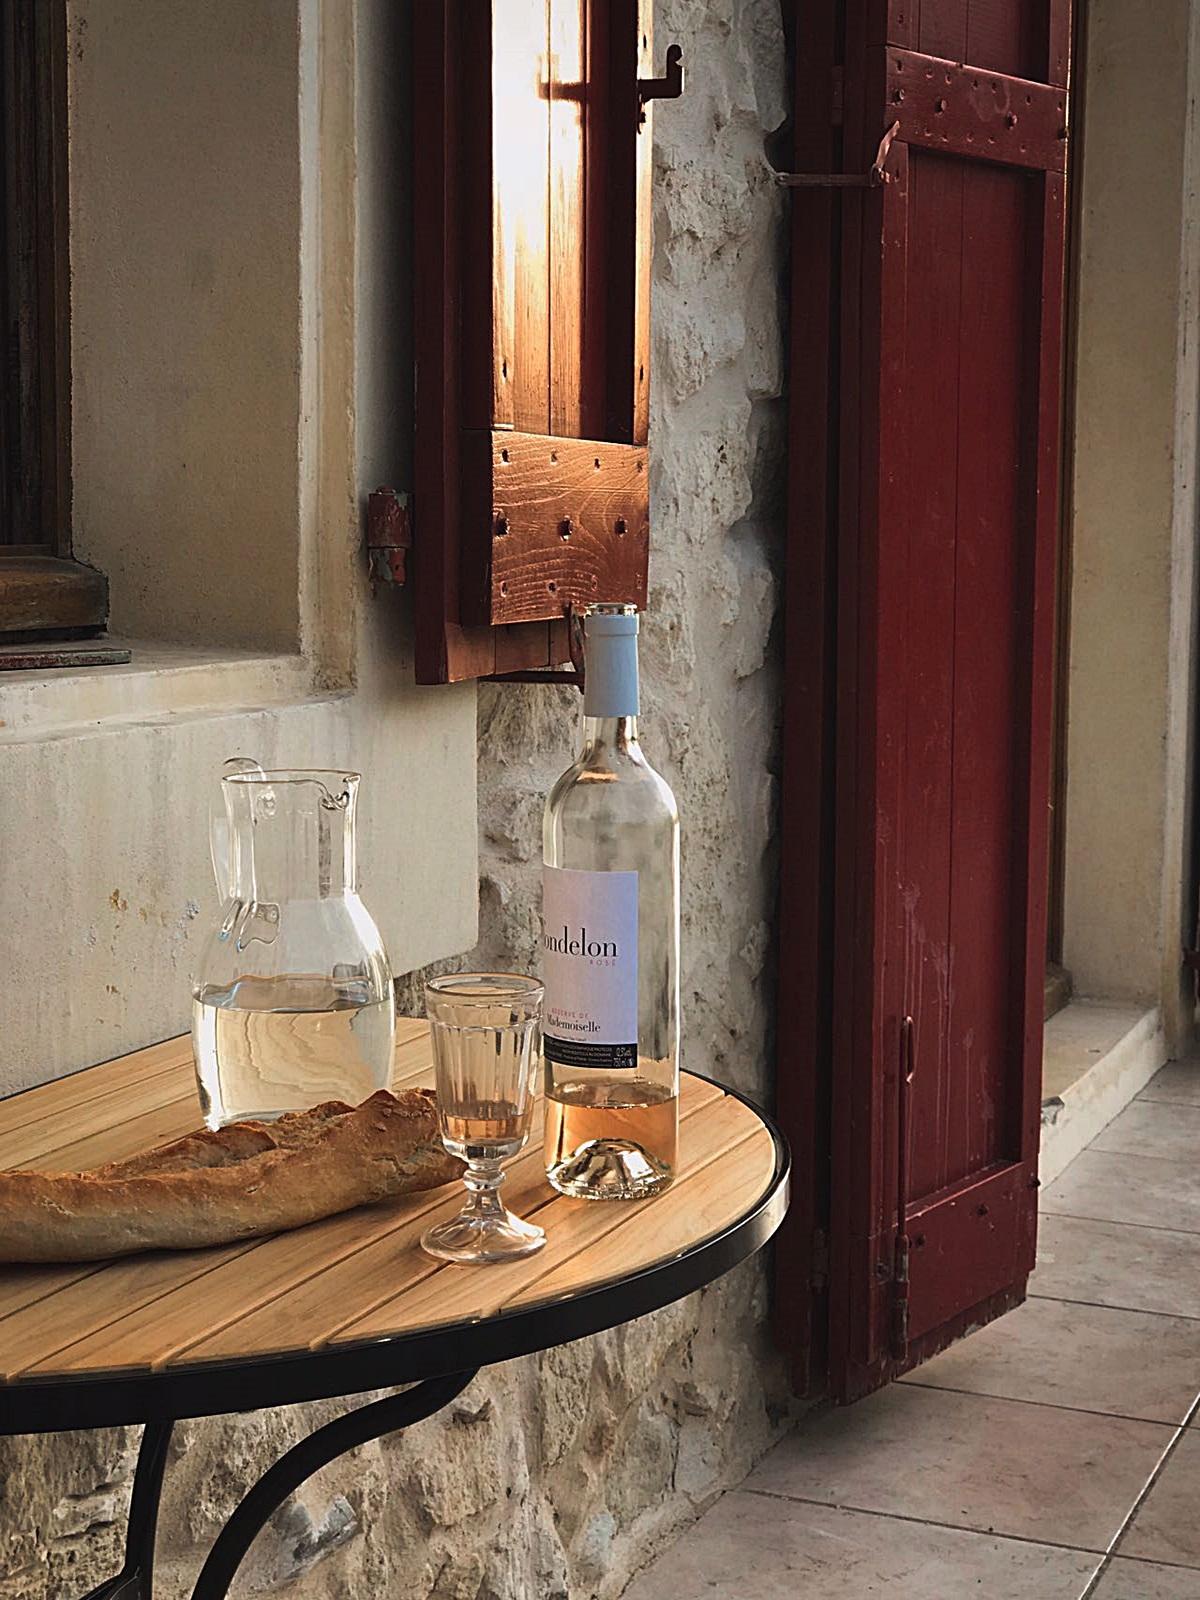 La_Broutte_Terrasse_Wein und Brot_1